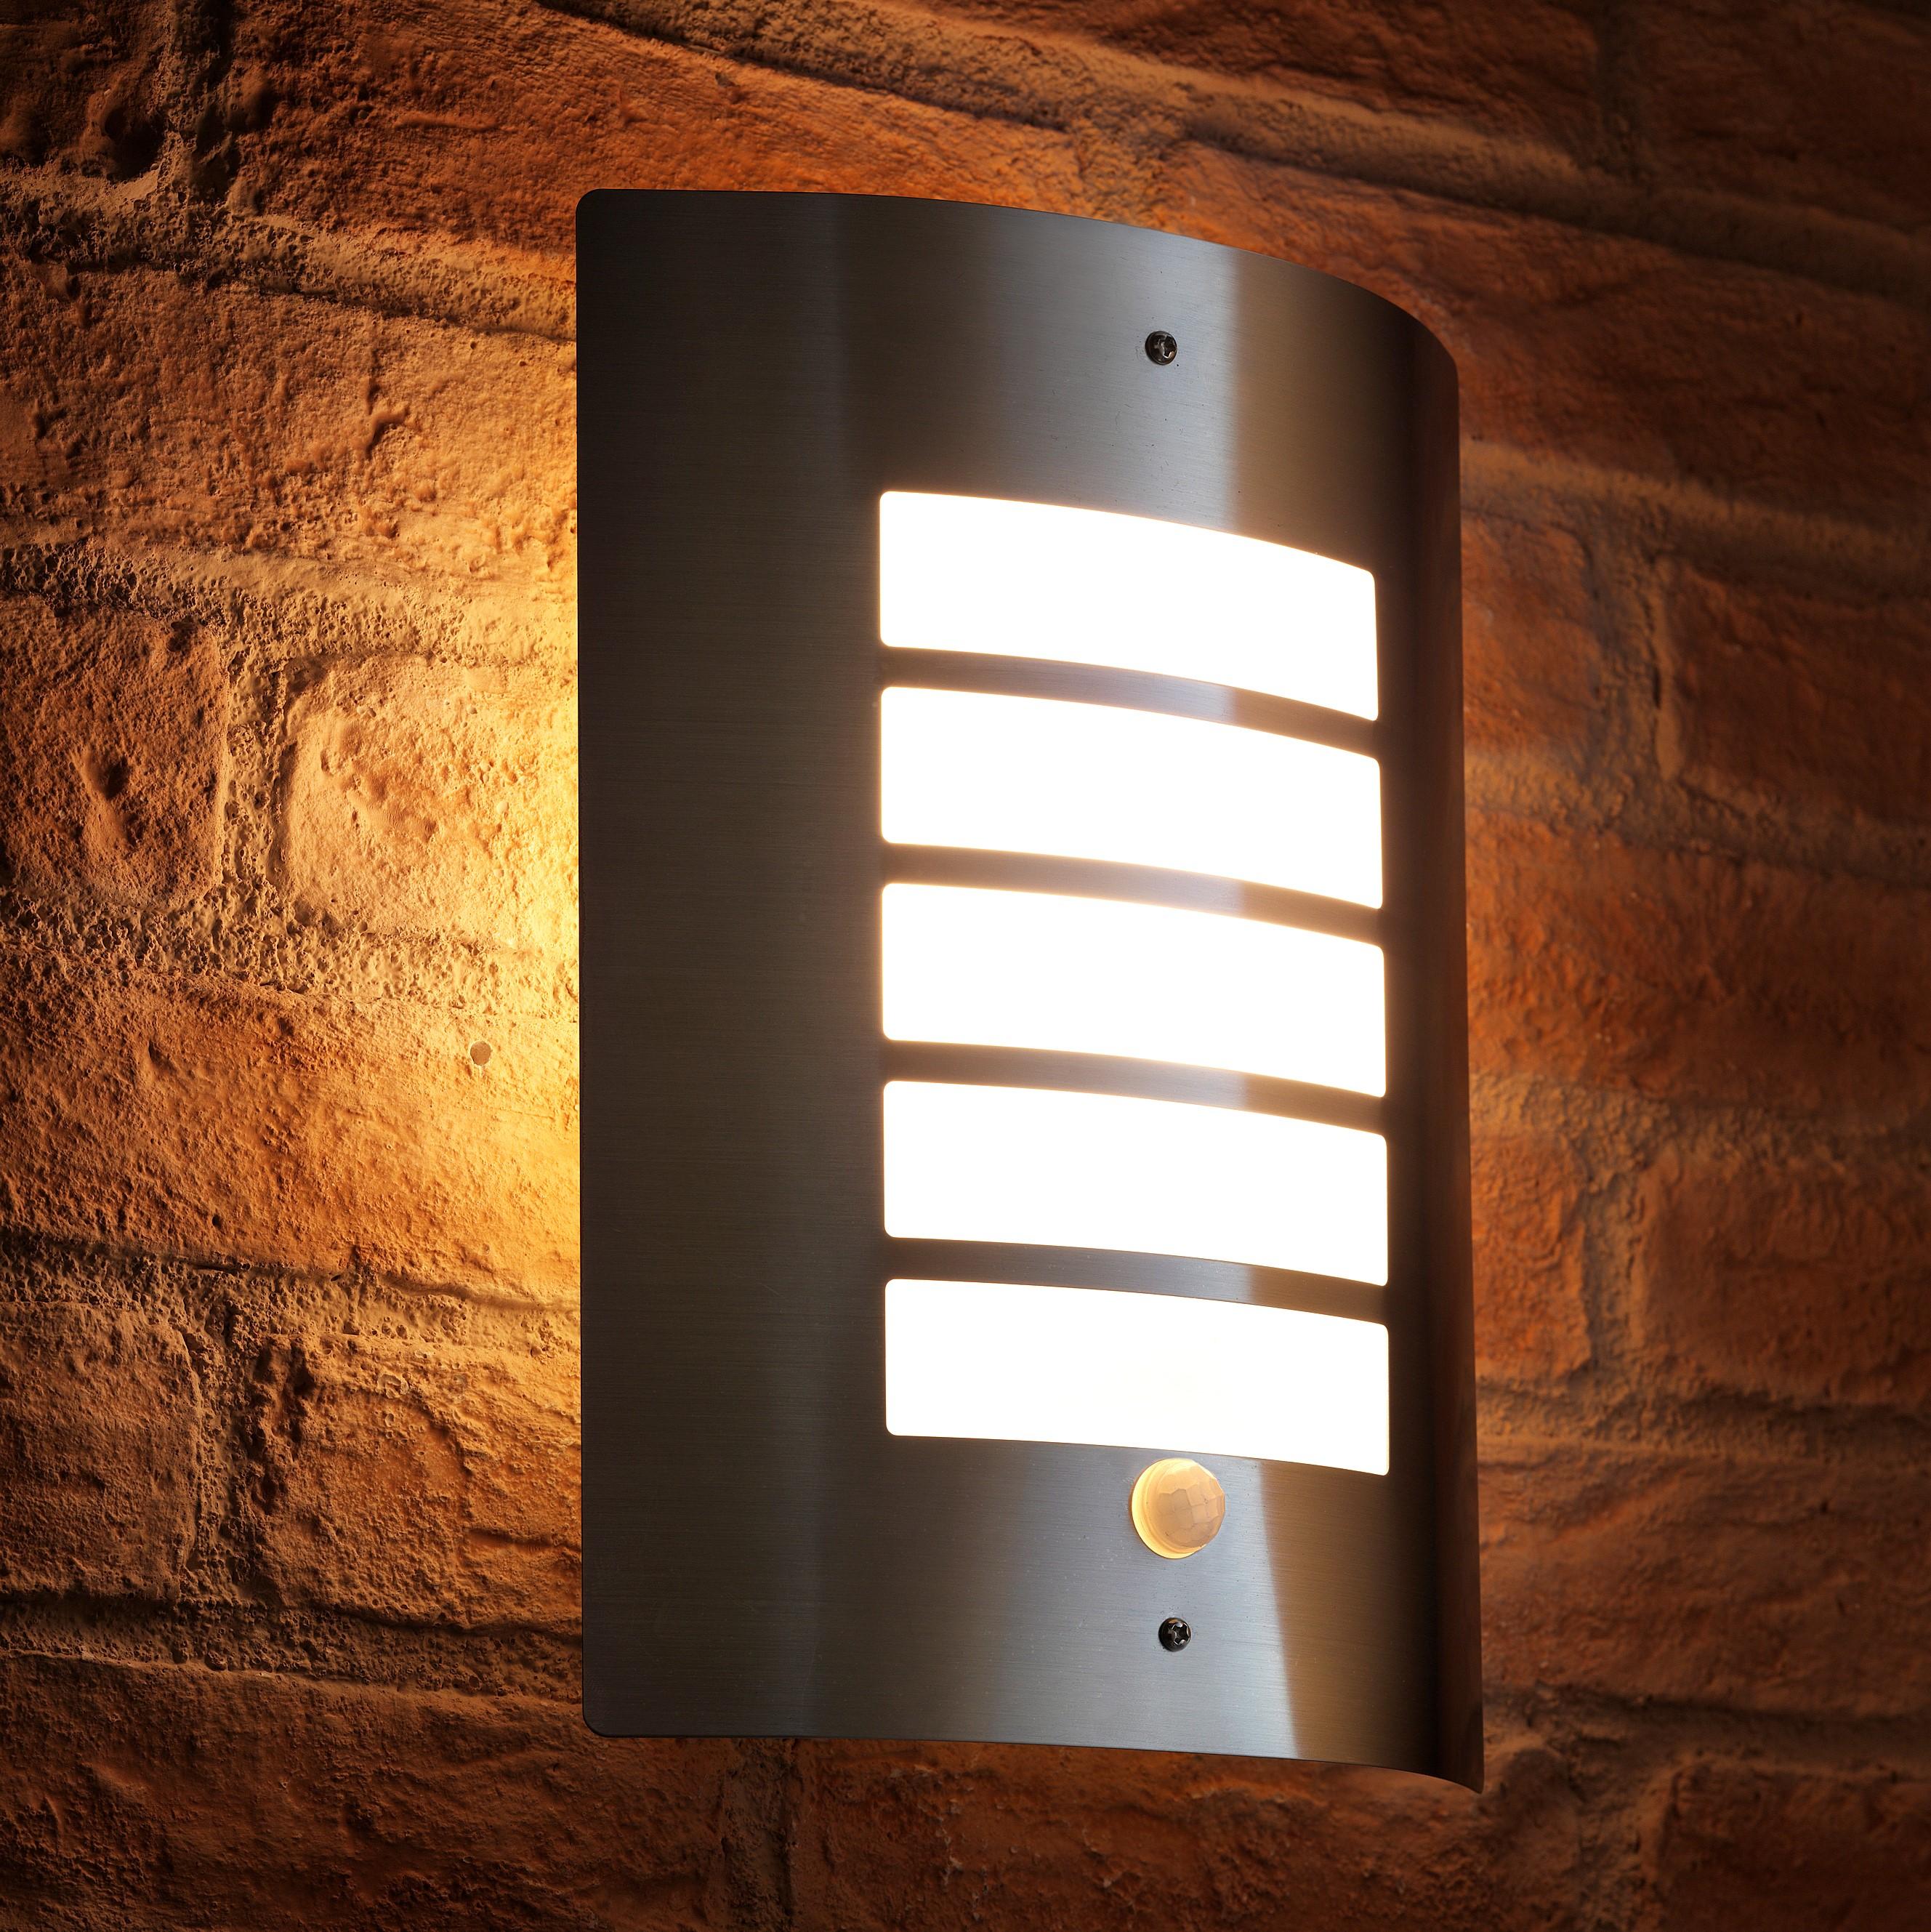 Porch Light Pir: Auraglow Stainless Steel PIR Motion Sensor Outdoor